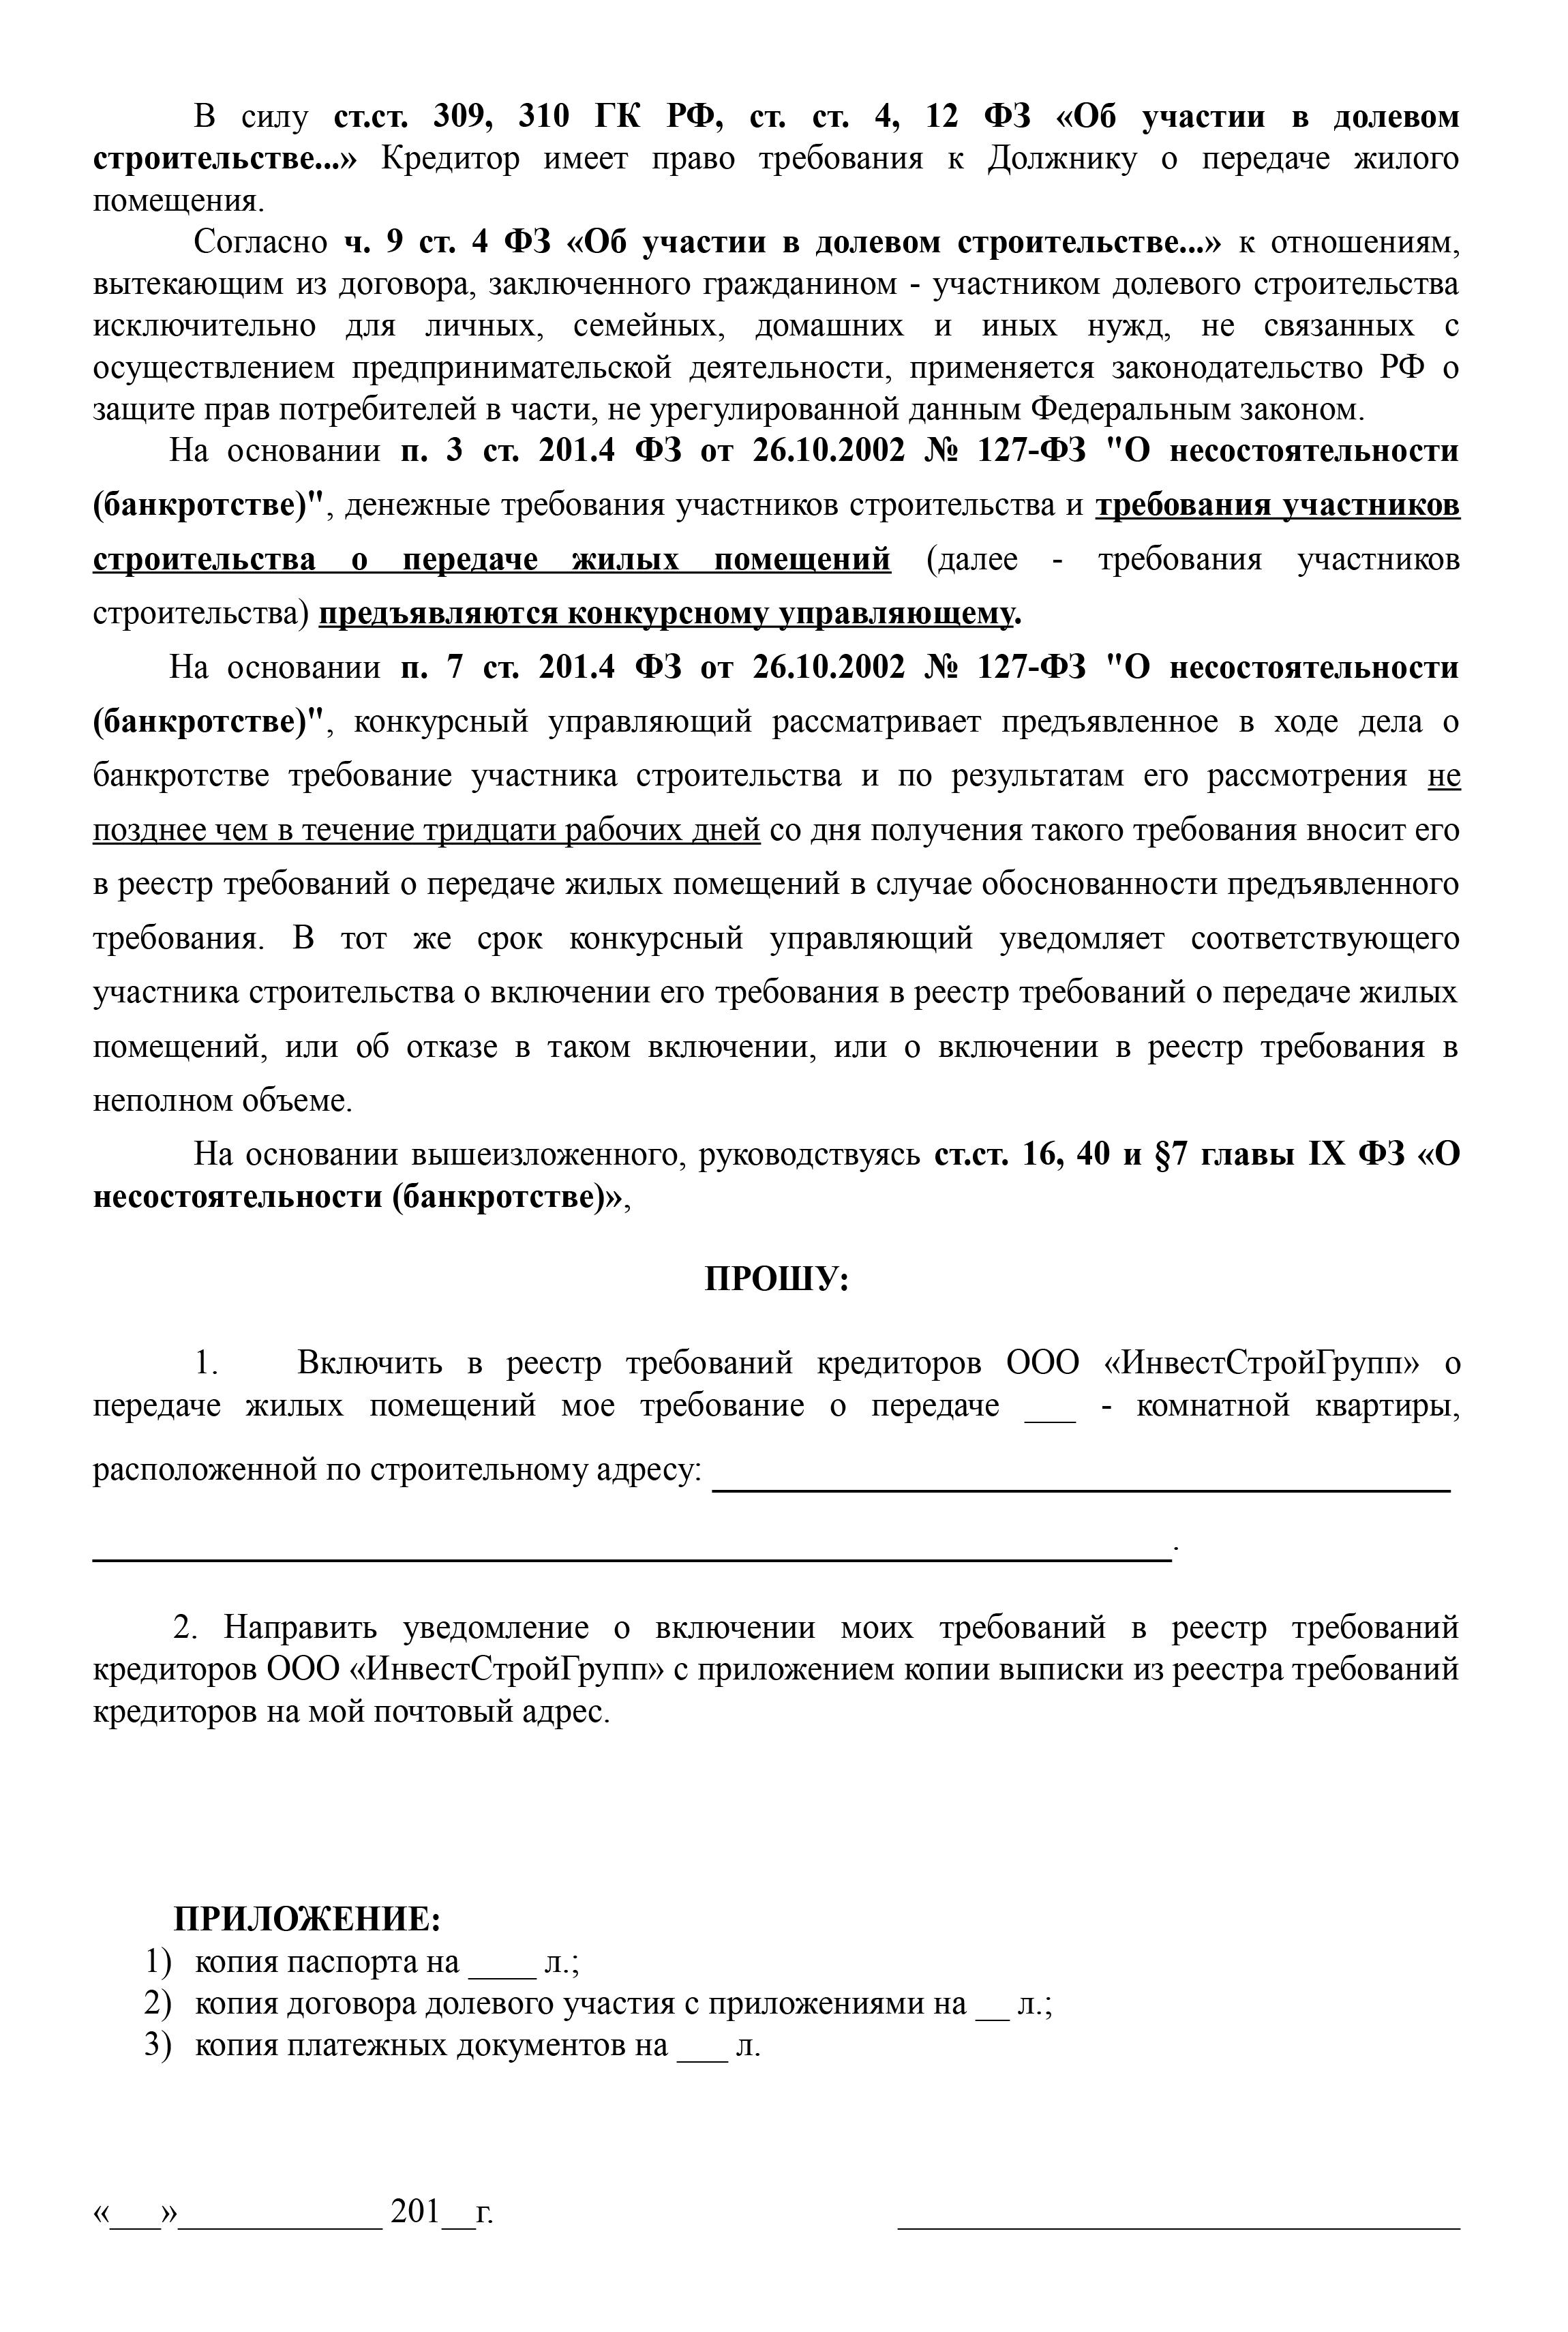 Образец заявления овключении вреестр требований опередаче жилых помещений